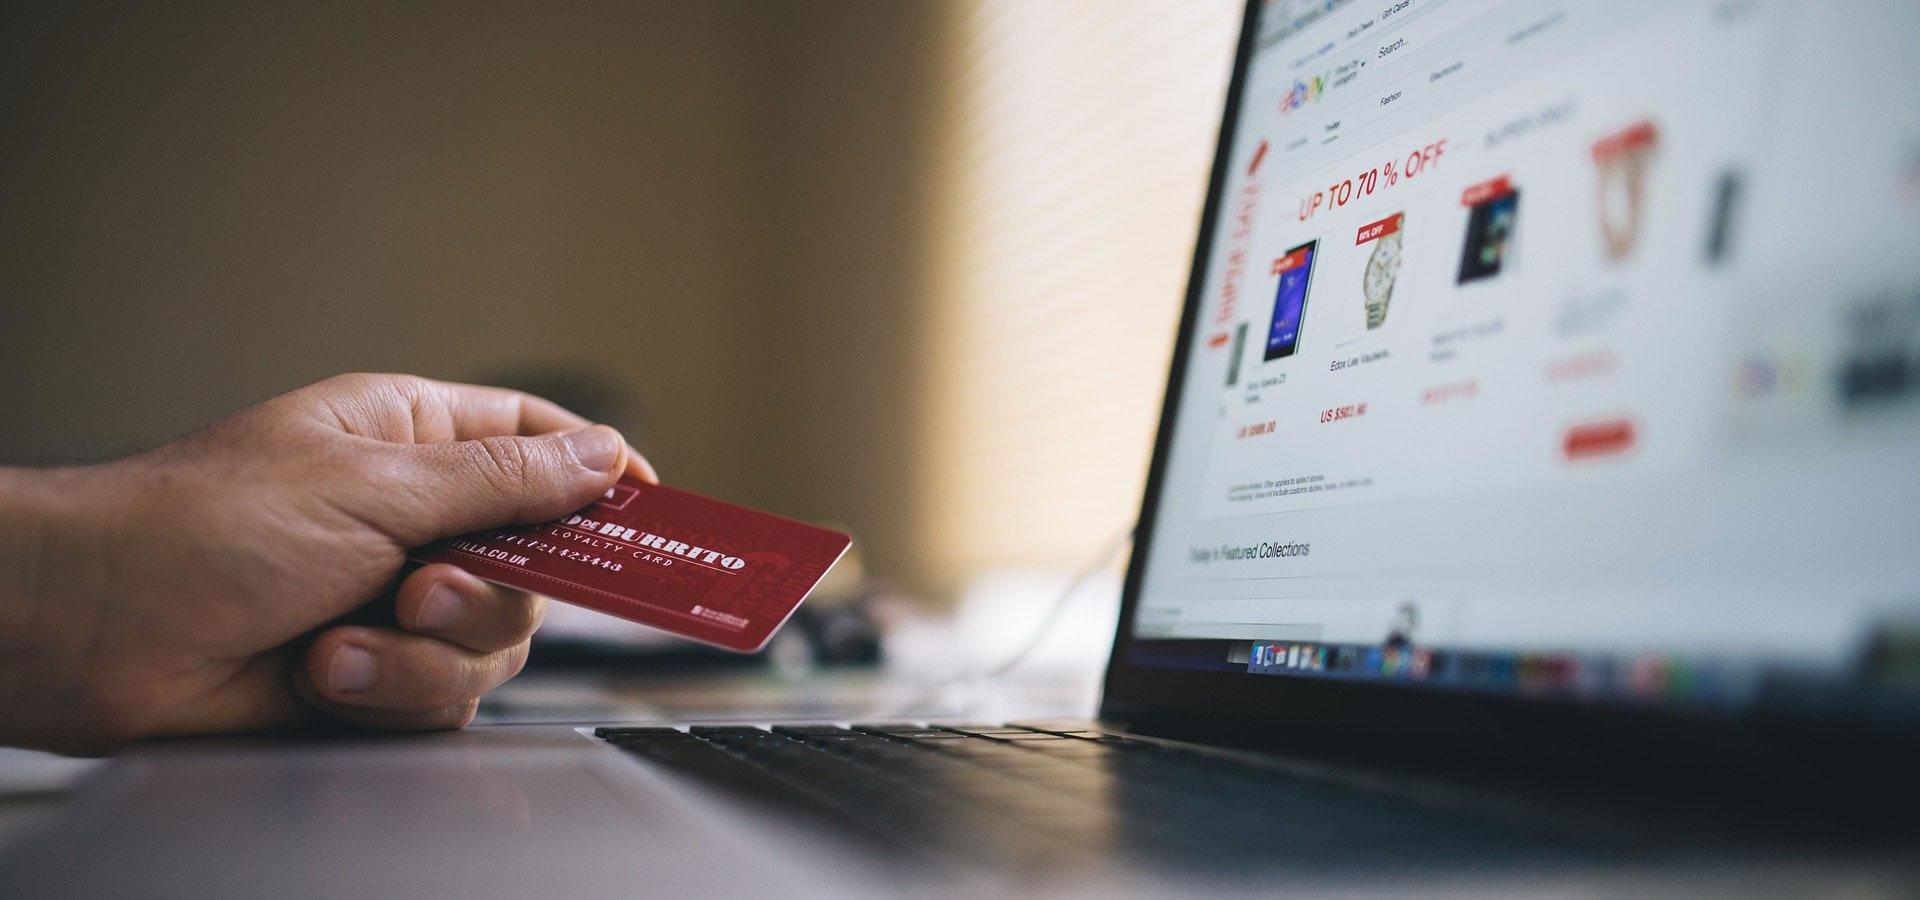 Comercio electrónico <span>Tienda virtual</span>